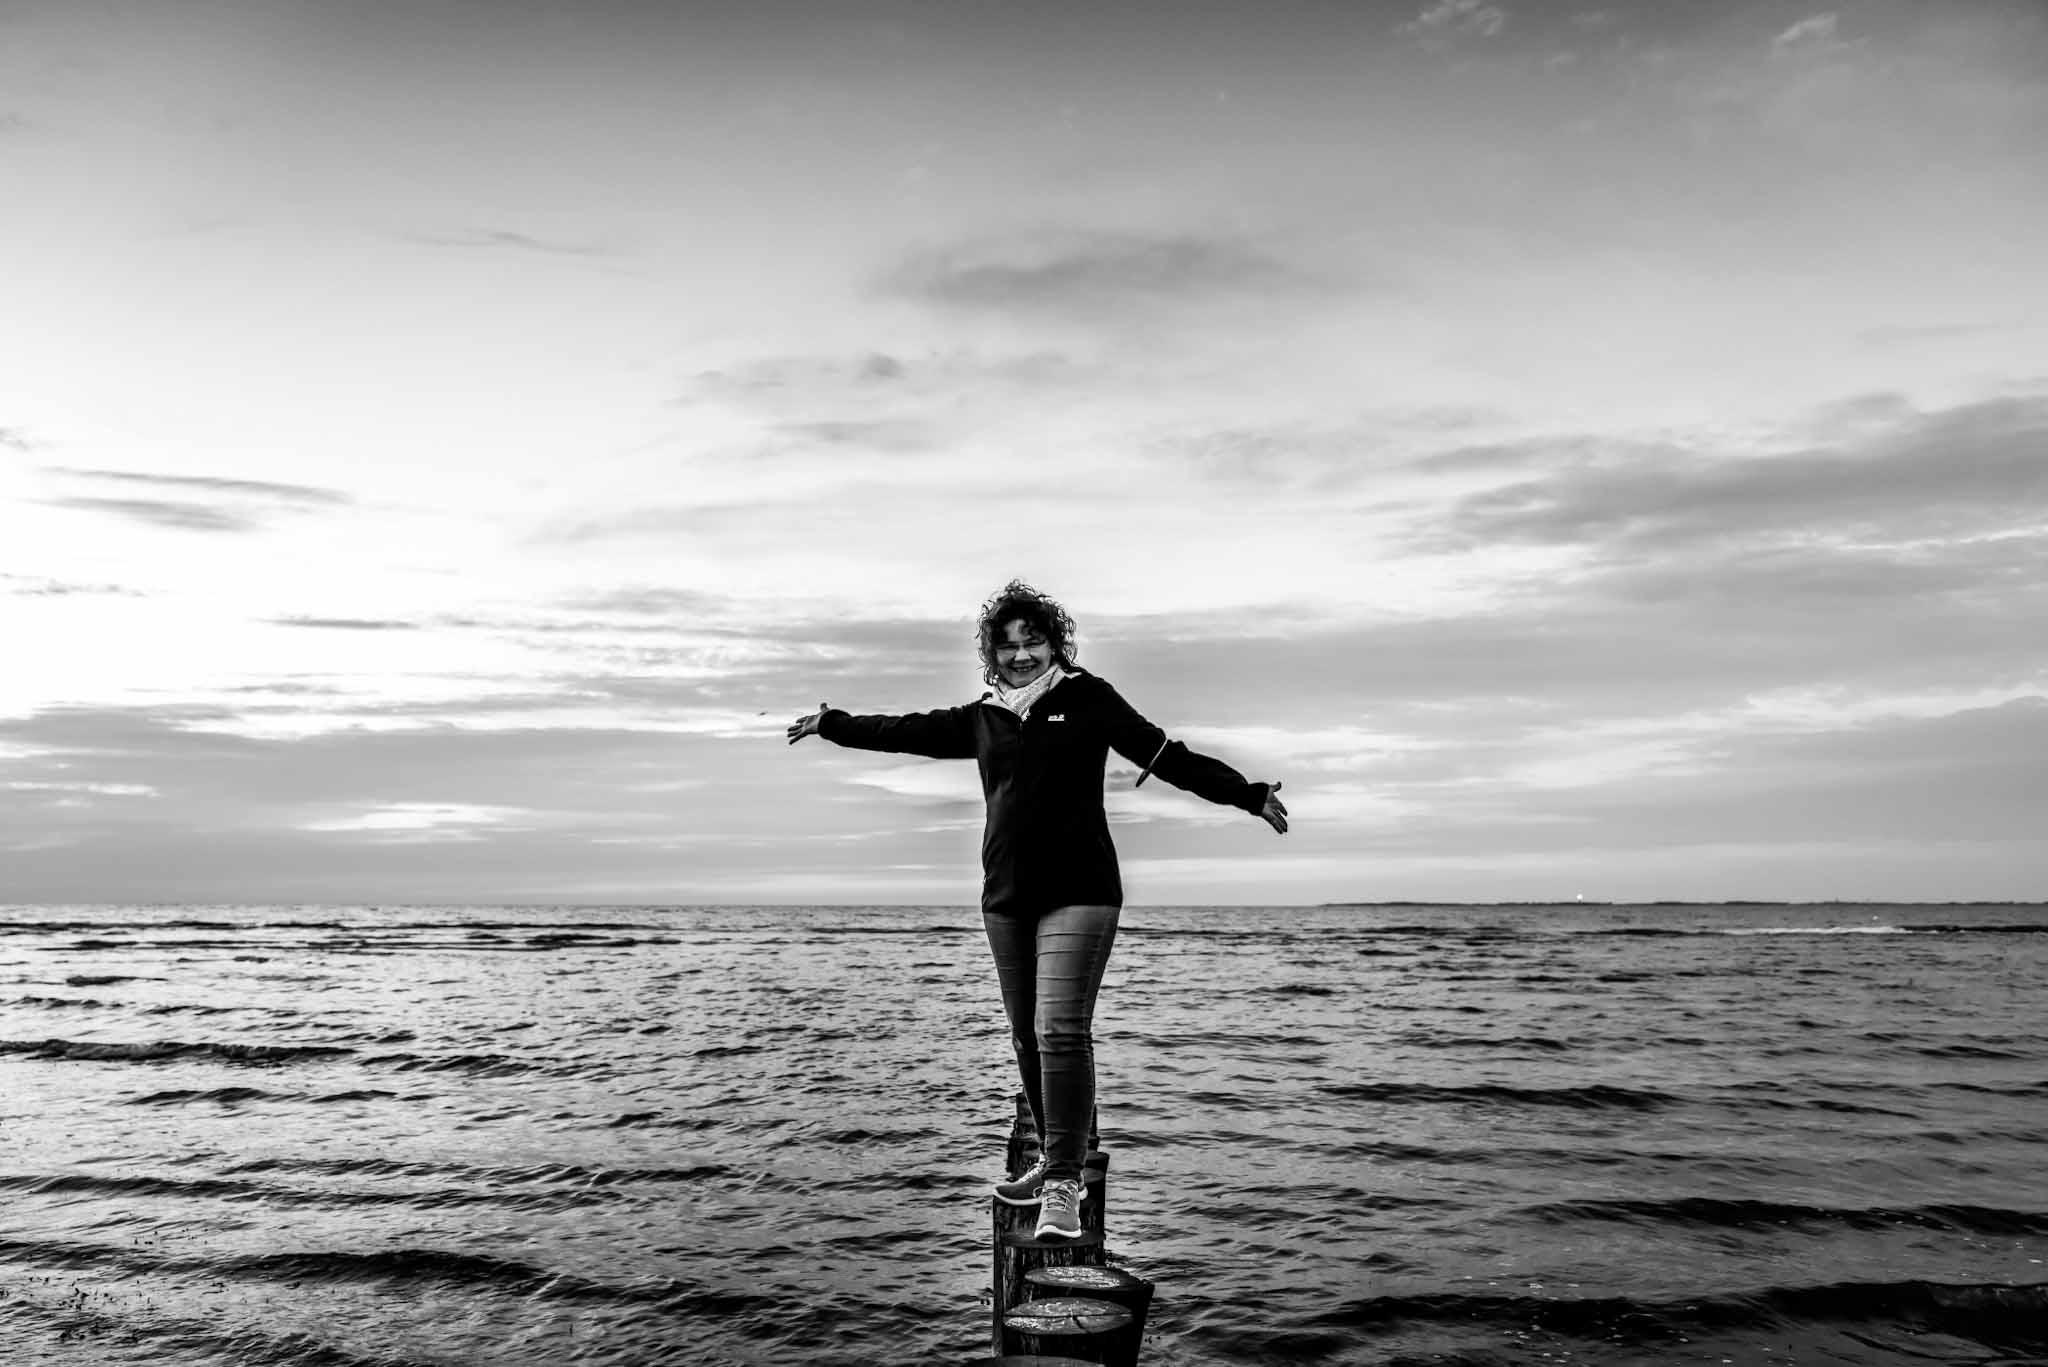 #WeeklyBoys 30 - Ausgeglichenheit